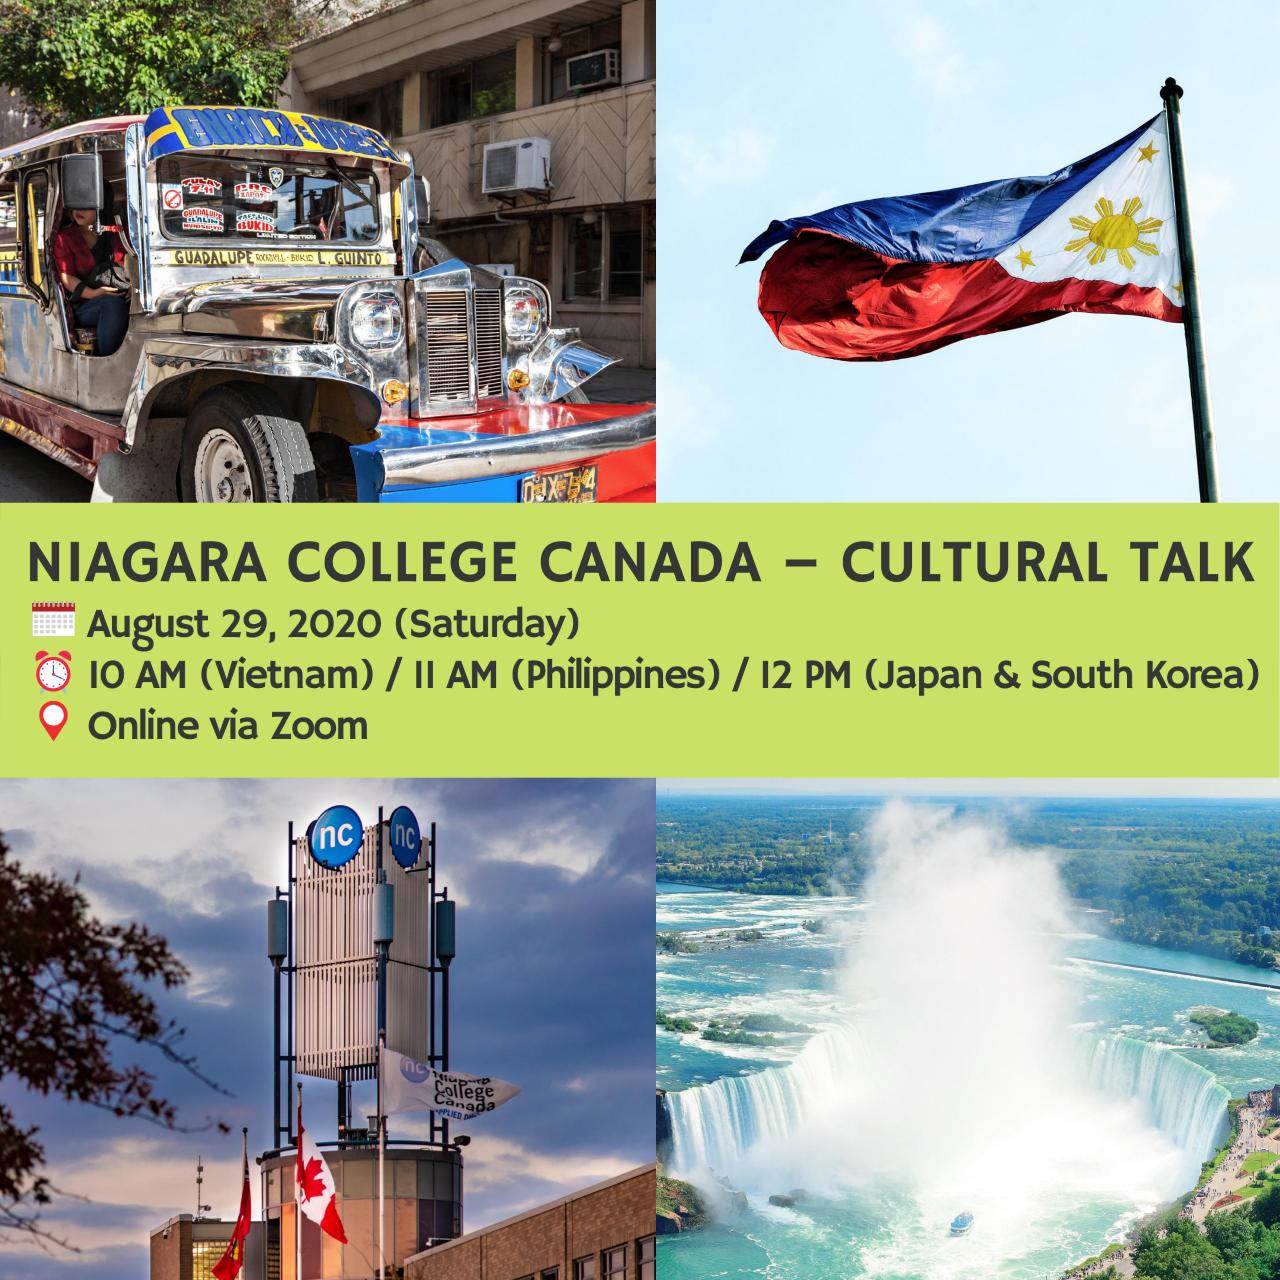 Niagara College Canada – Cultural Talk